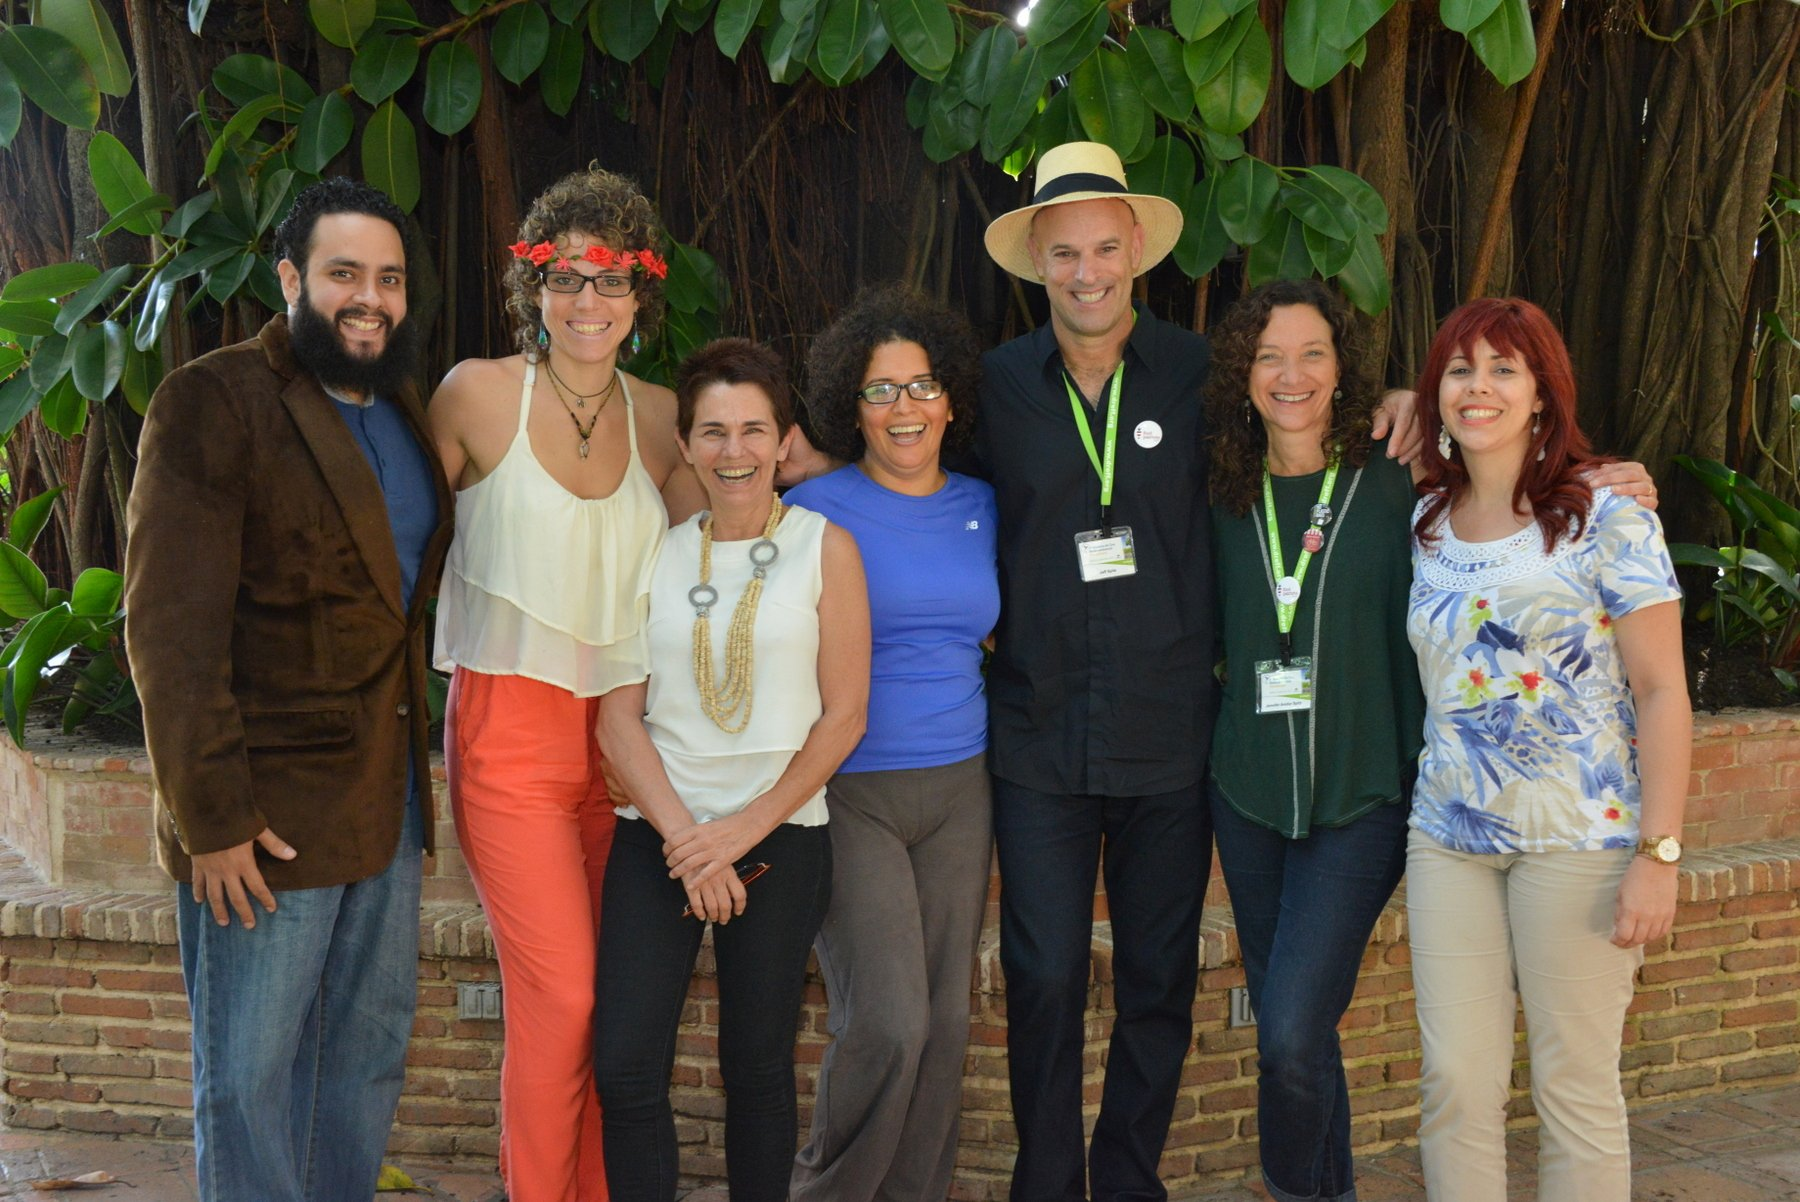 Jeff y Jenniffer Spitz junto al equipo del Blog Cultura Green, Carola de Braçai, Benita de Mercado Orgánico y una servidora.